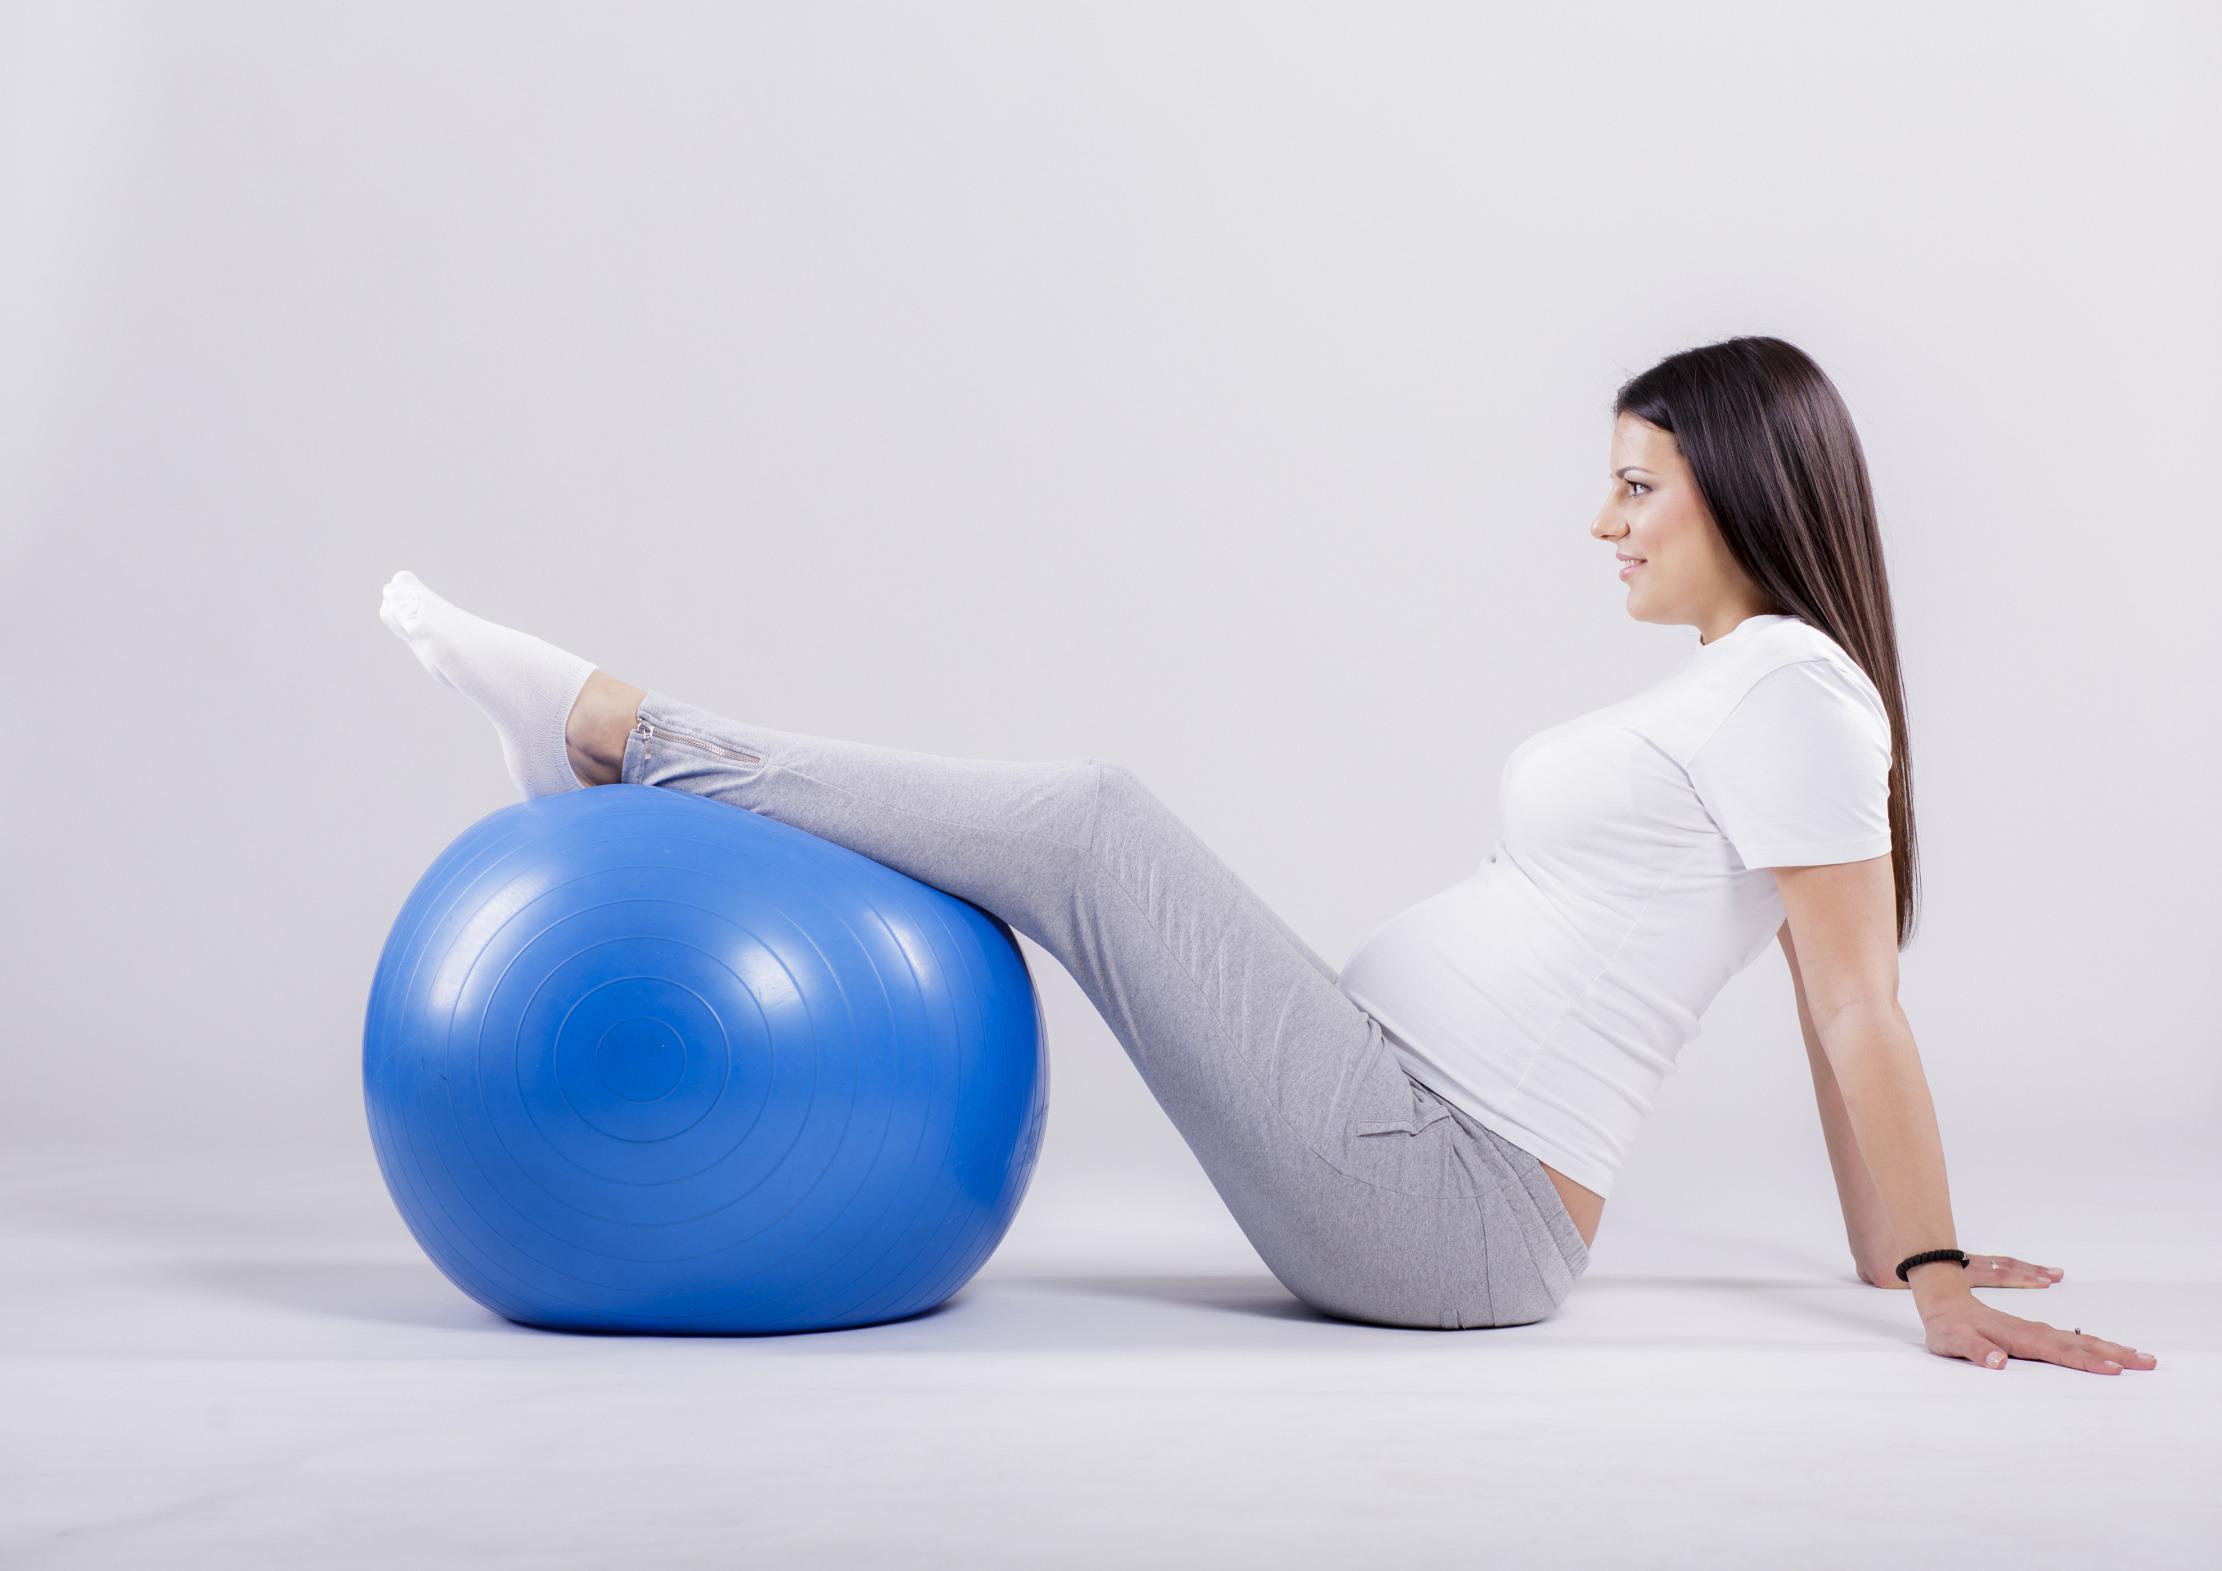 la m thode pilates enceinte peut on pratiquer cette activit. Black Bedroom Furniture Sets. Home Design Ideas